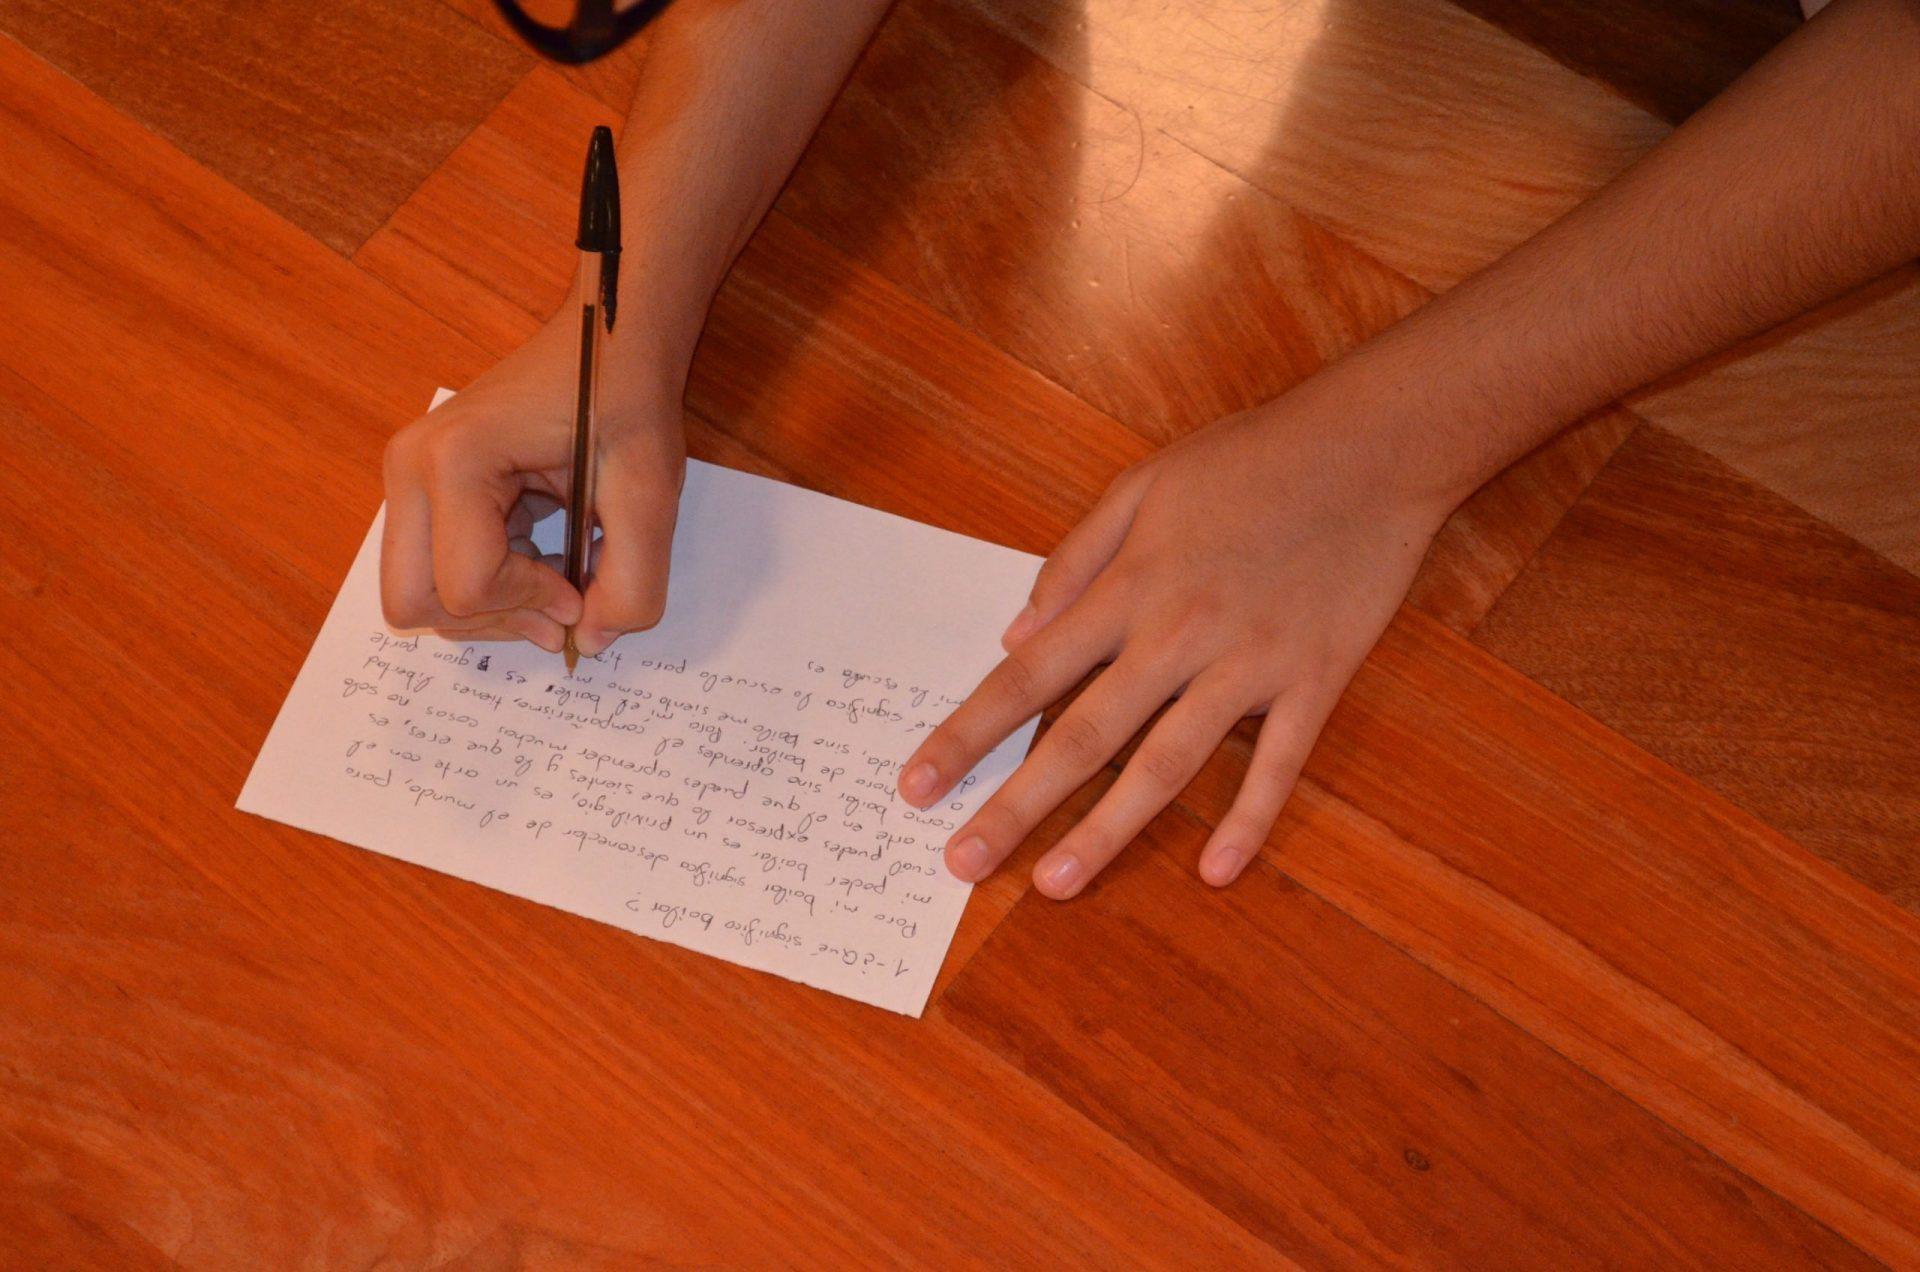 Las manos de una alumna escribiendo en la sala de baile del Centro de Danza Sandra Santa Cruz. Responde a : ¿Qué significa bailar?